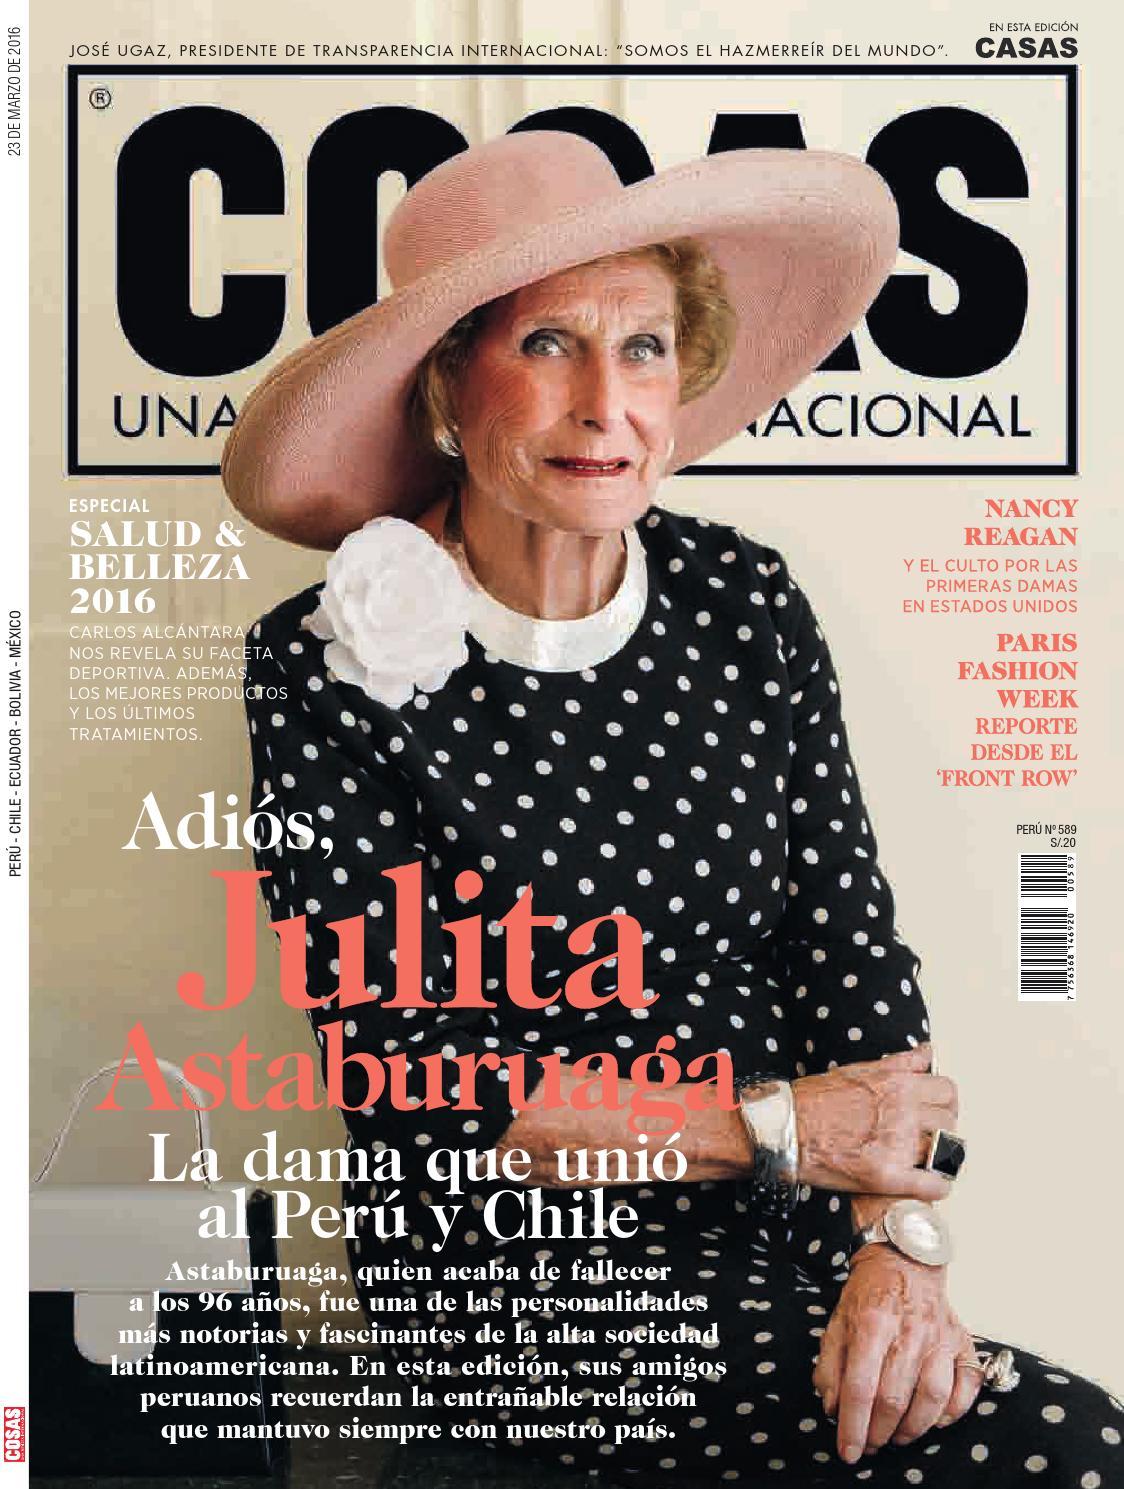 De peruanas foto de cristina pena desnuda 8